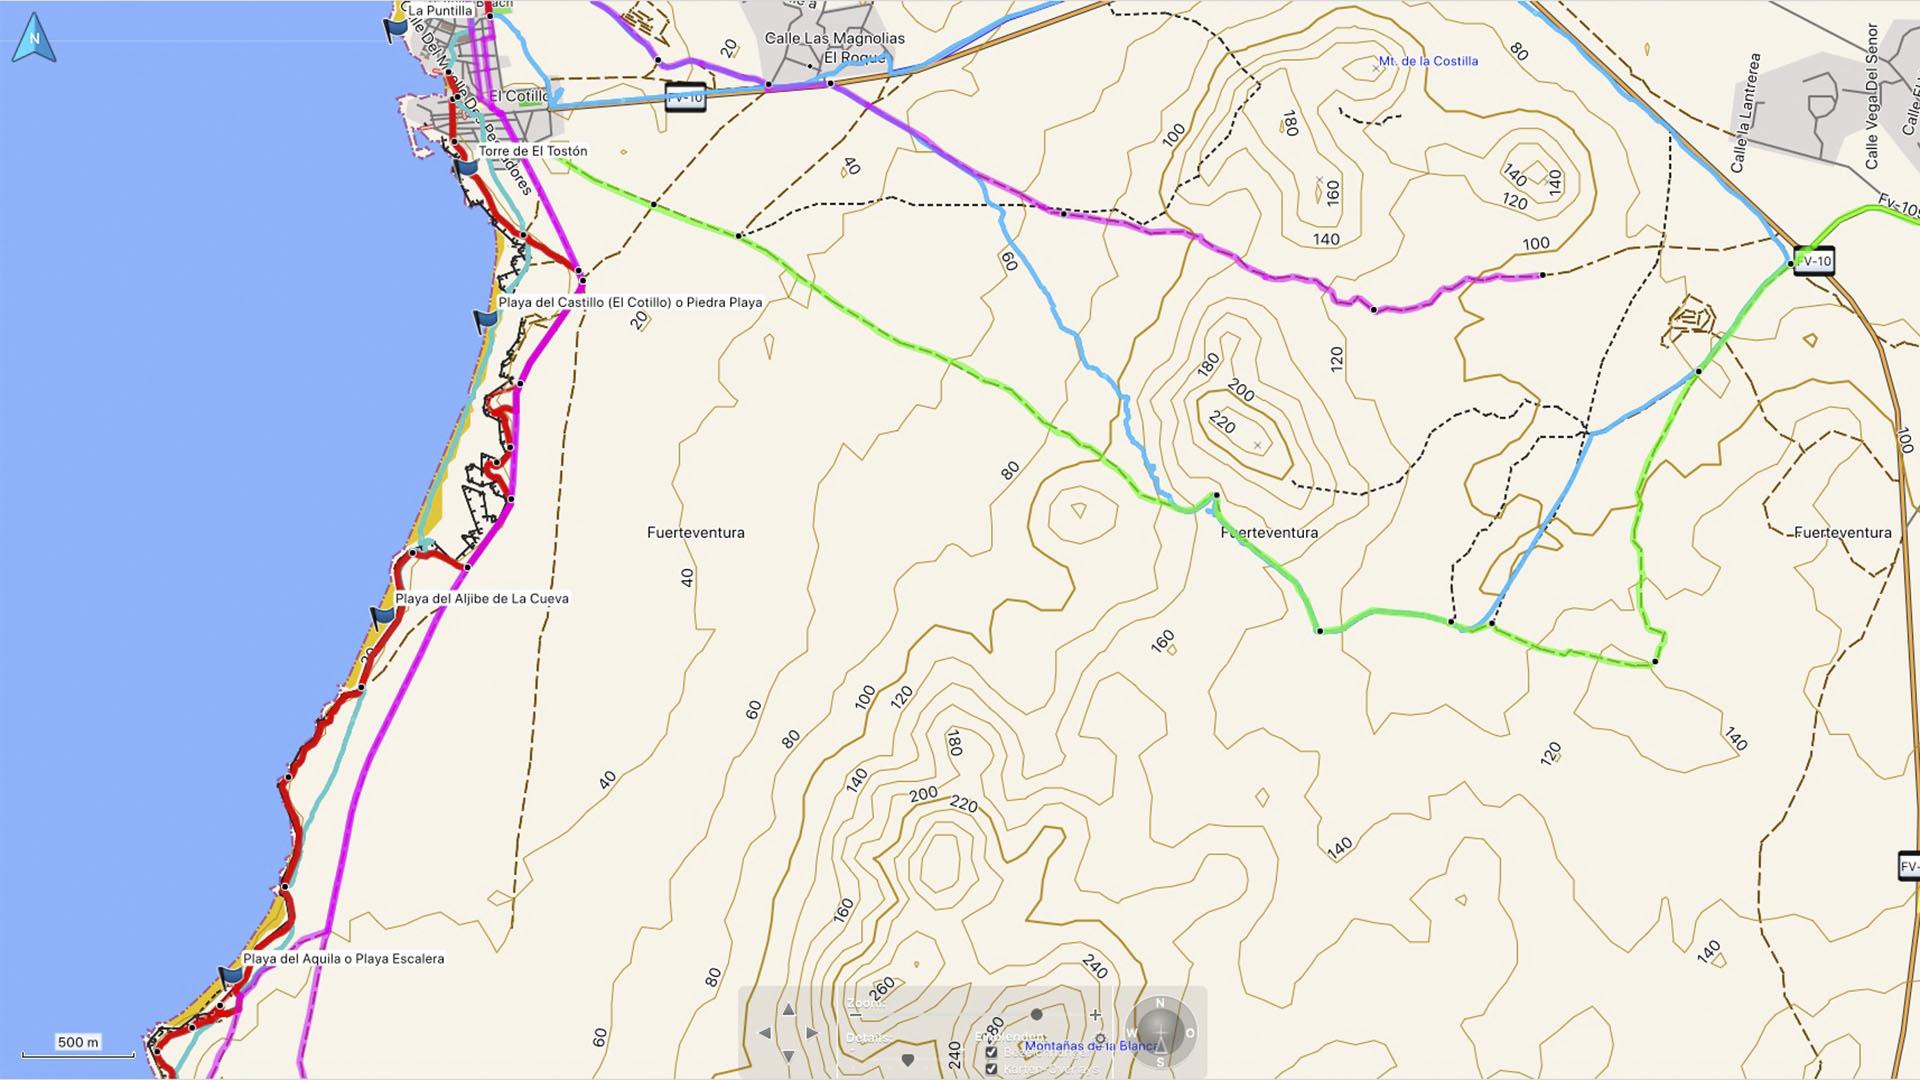 Fuerteventura Karte der Straende: Die Strände Strände von El Cotillo suedlicher Teil.